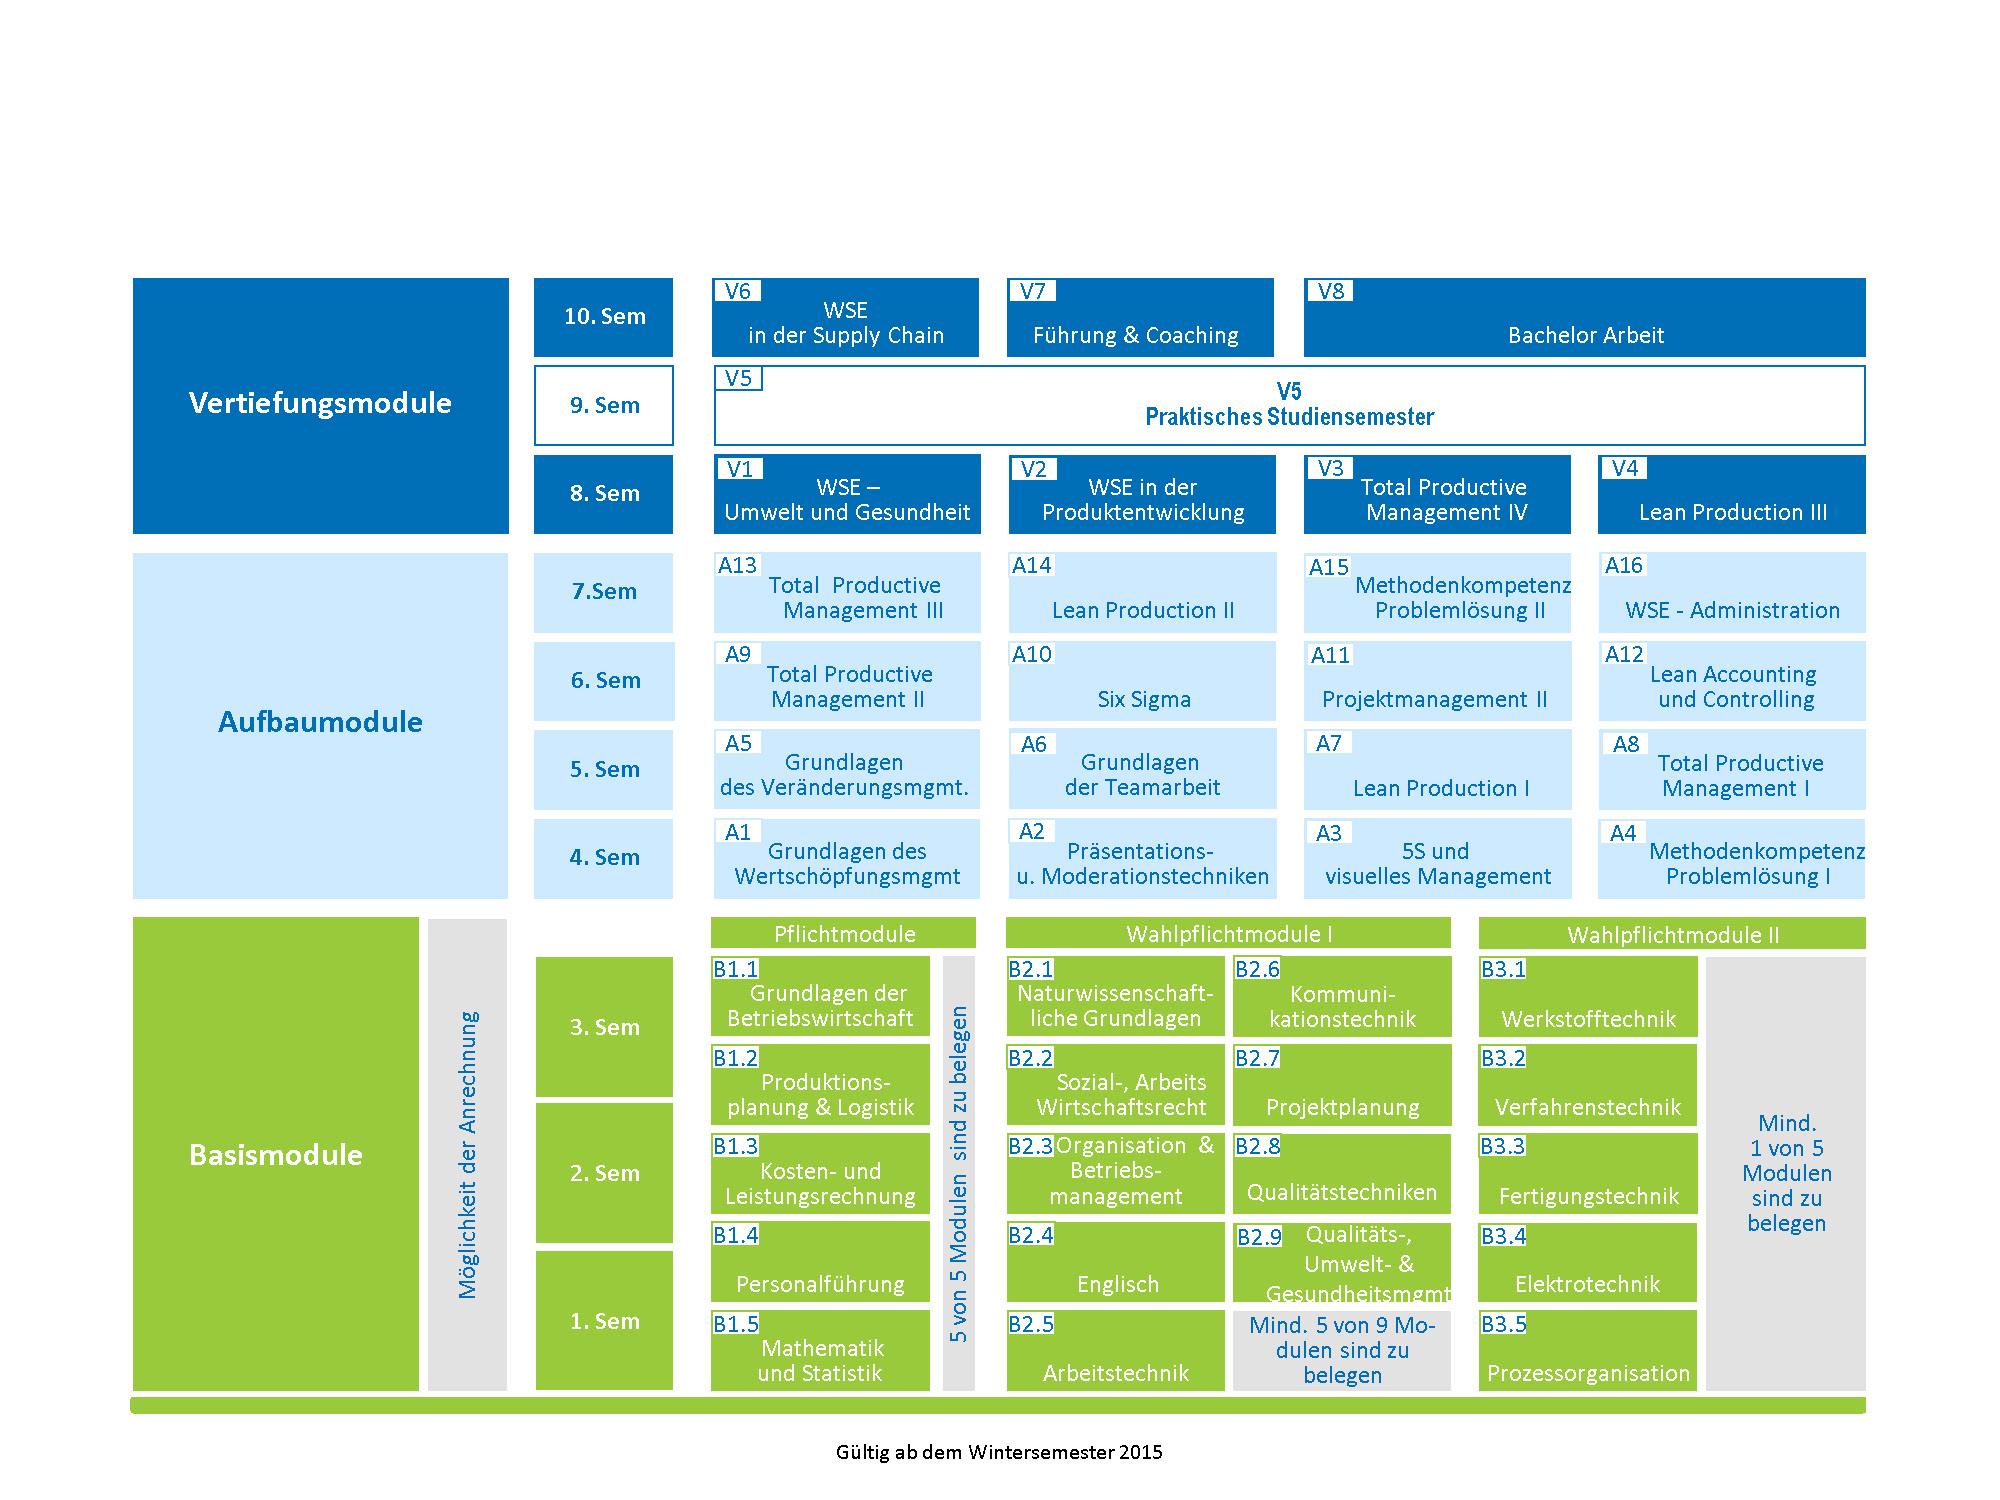 Inhalt und Aufbau des Studiums Wertschöpfungsmanagement der Hochschule Ansbach